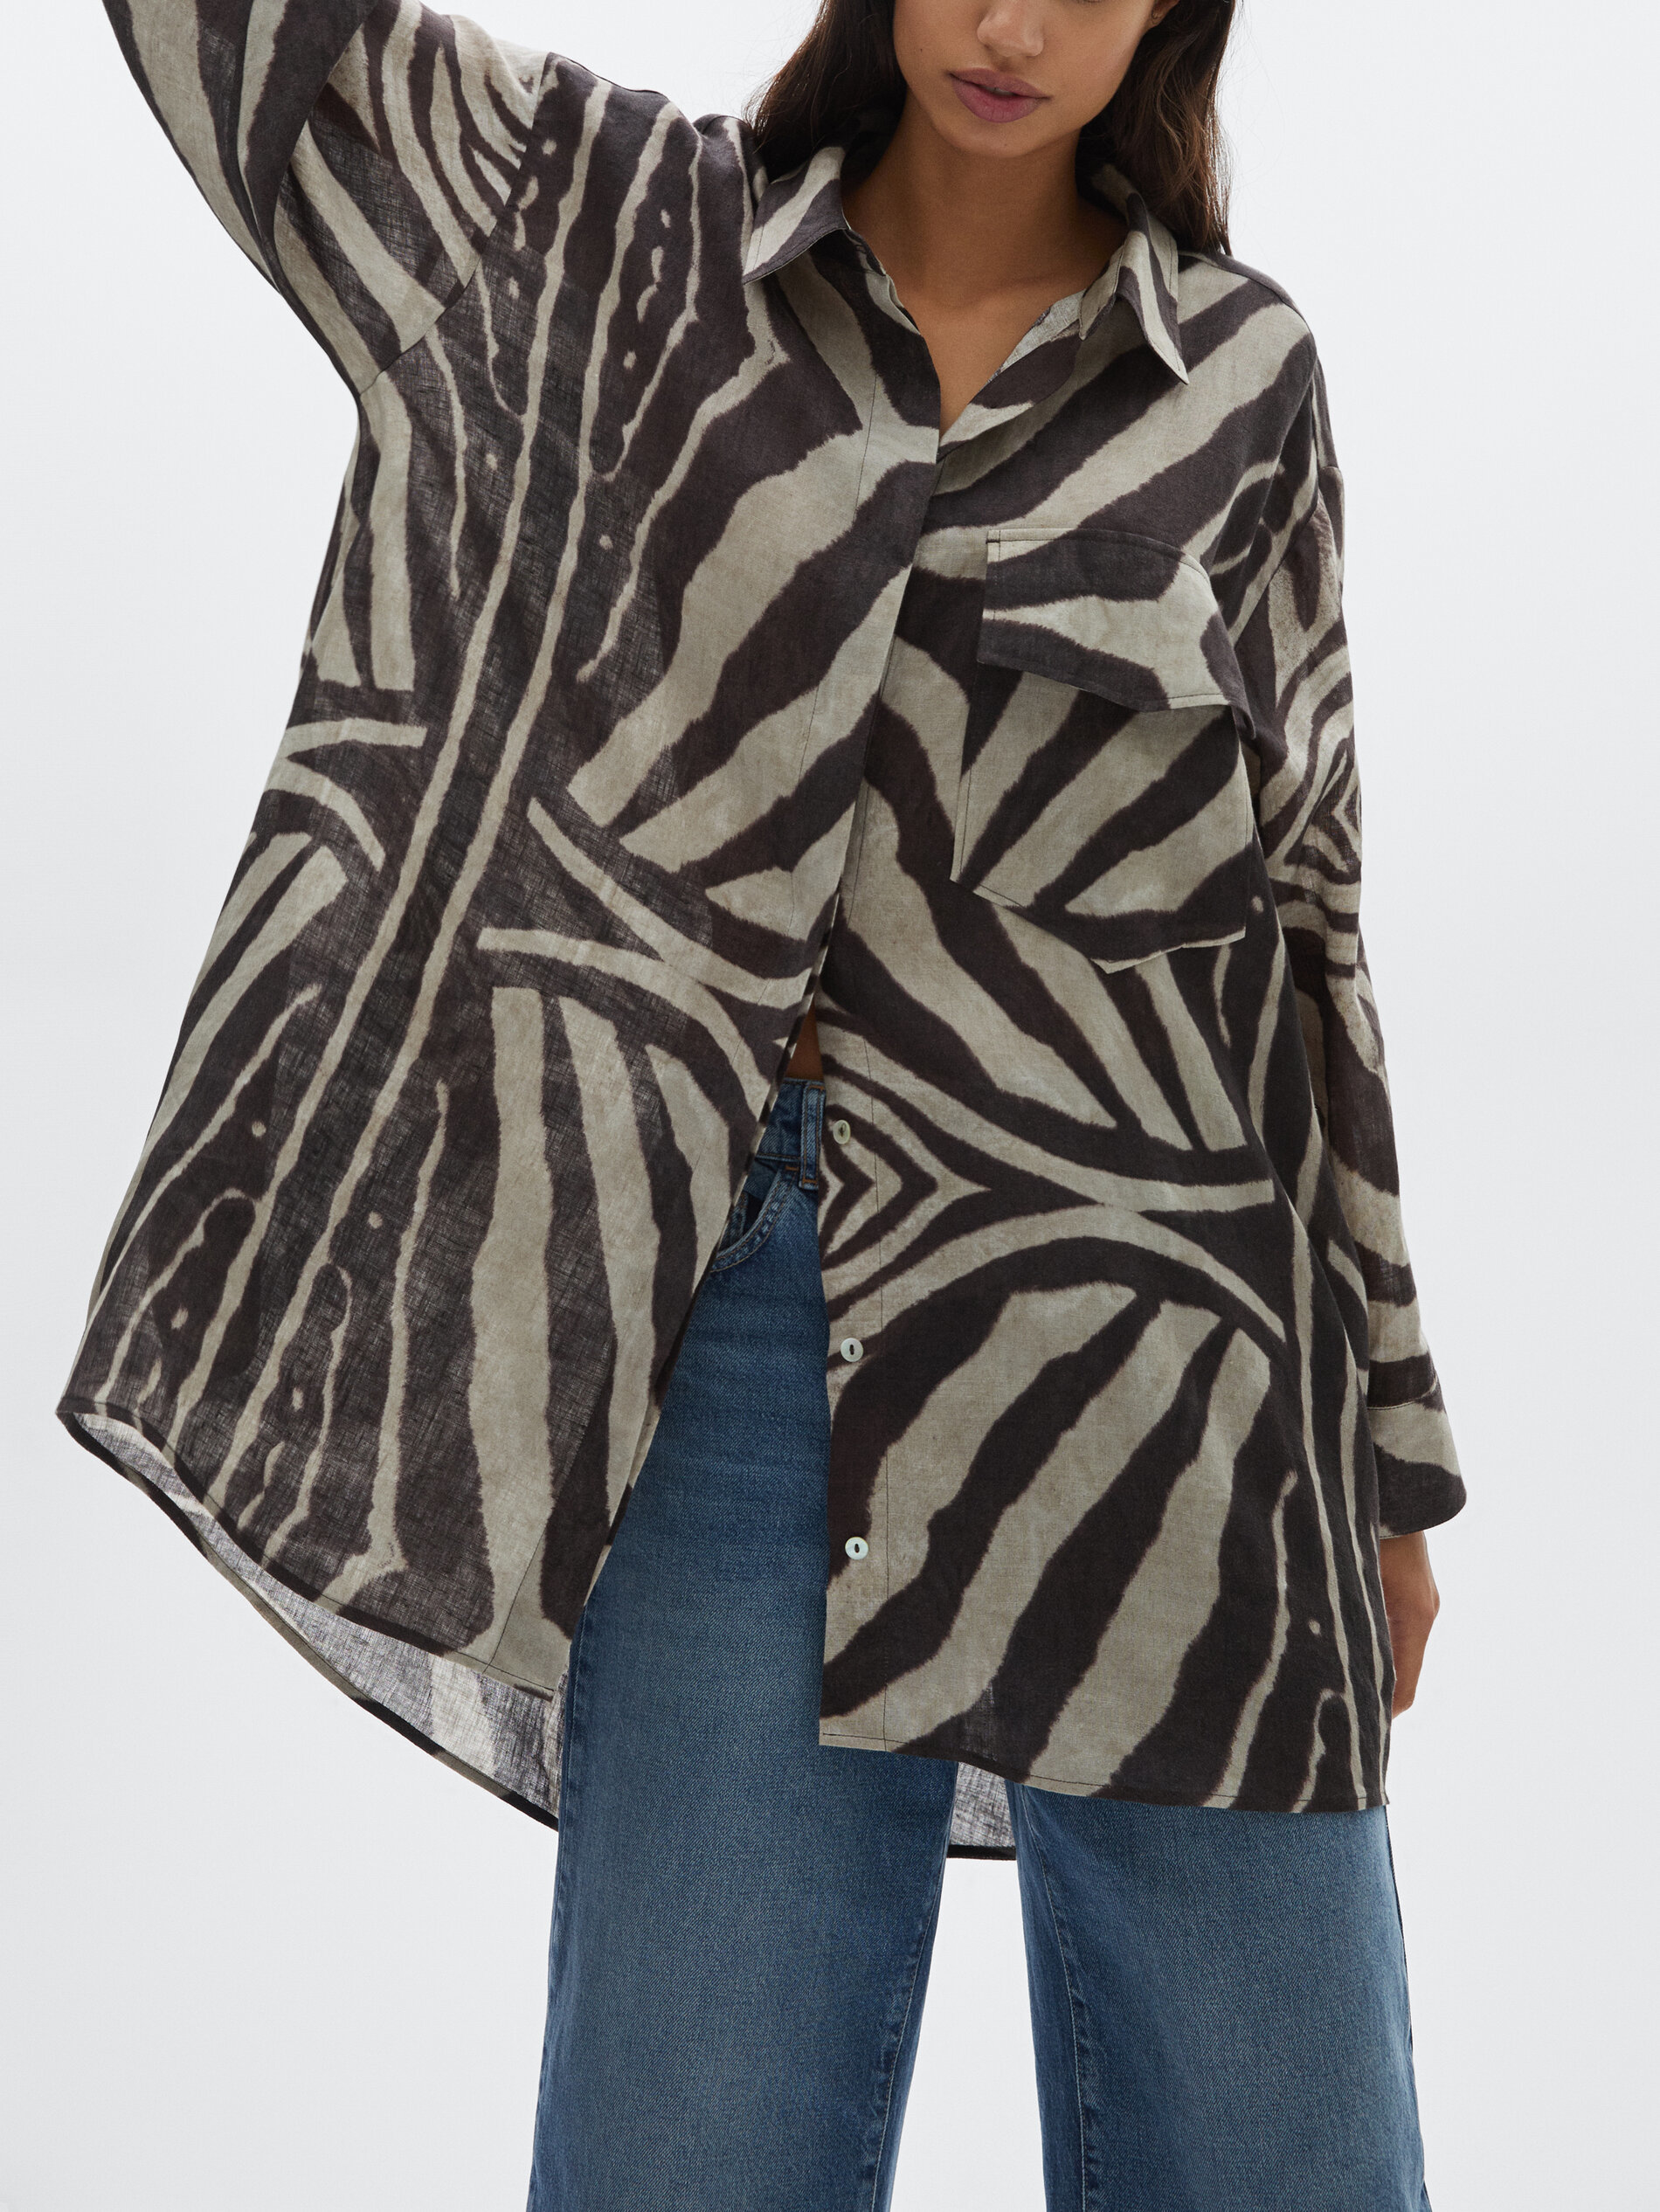 Camisa con estampado cebra de lino.